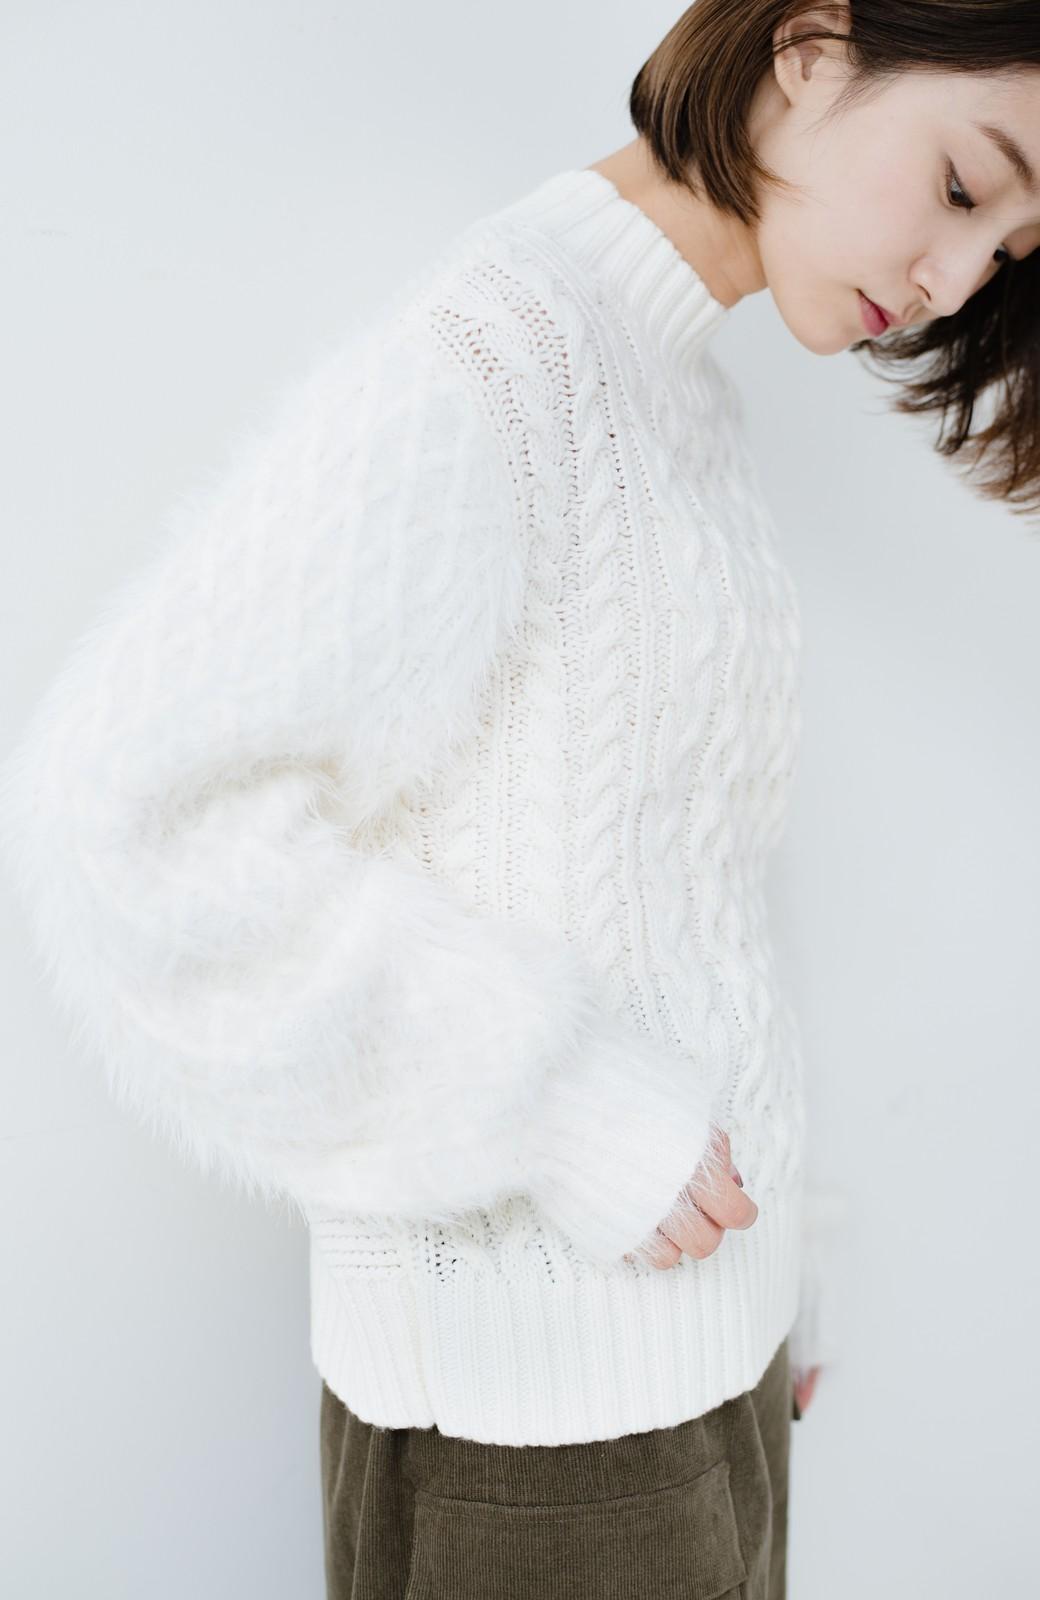 haco! ケーブル編みの袖フェザーヤーンニットトップス <ホワイト>の商品写真15